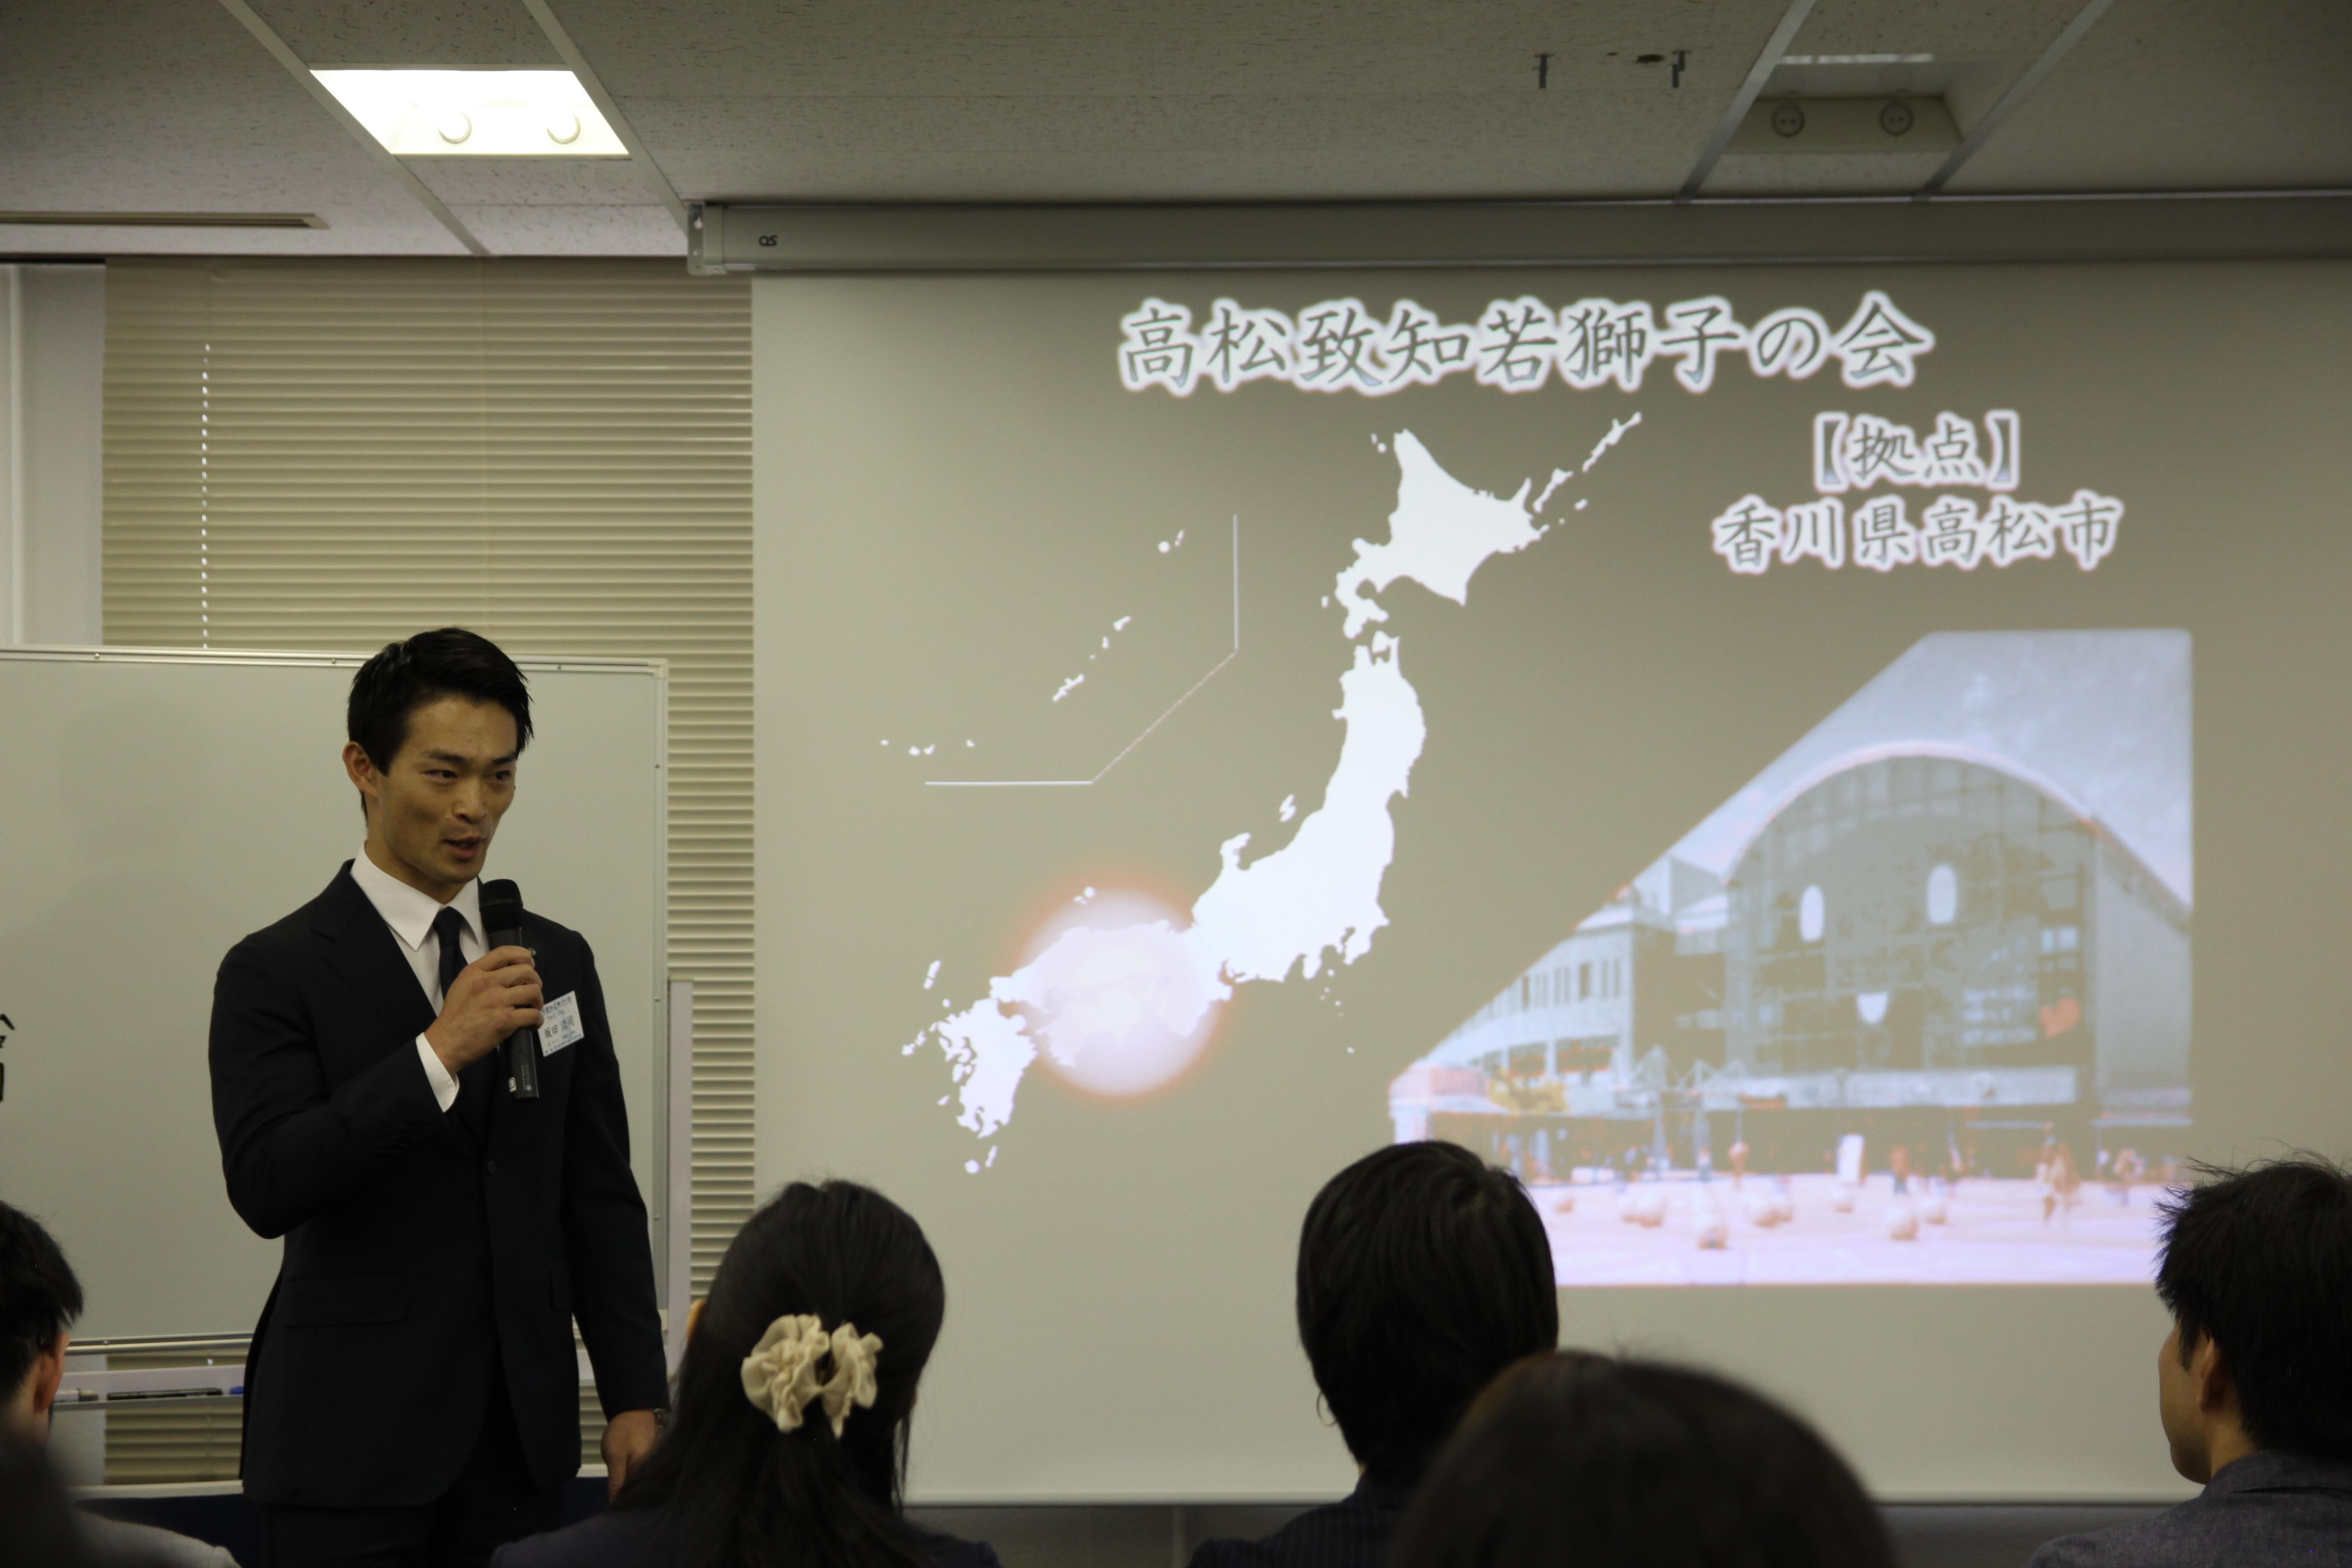 IMG 4655 - 関東若獅子の会、記念すべき第100回